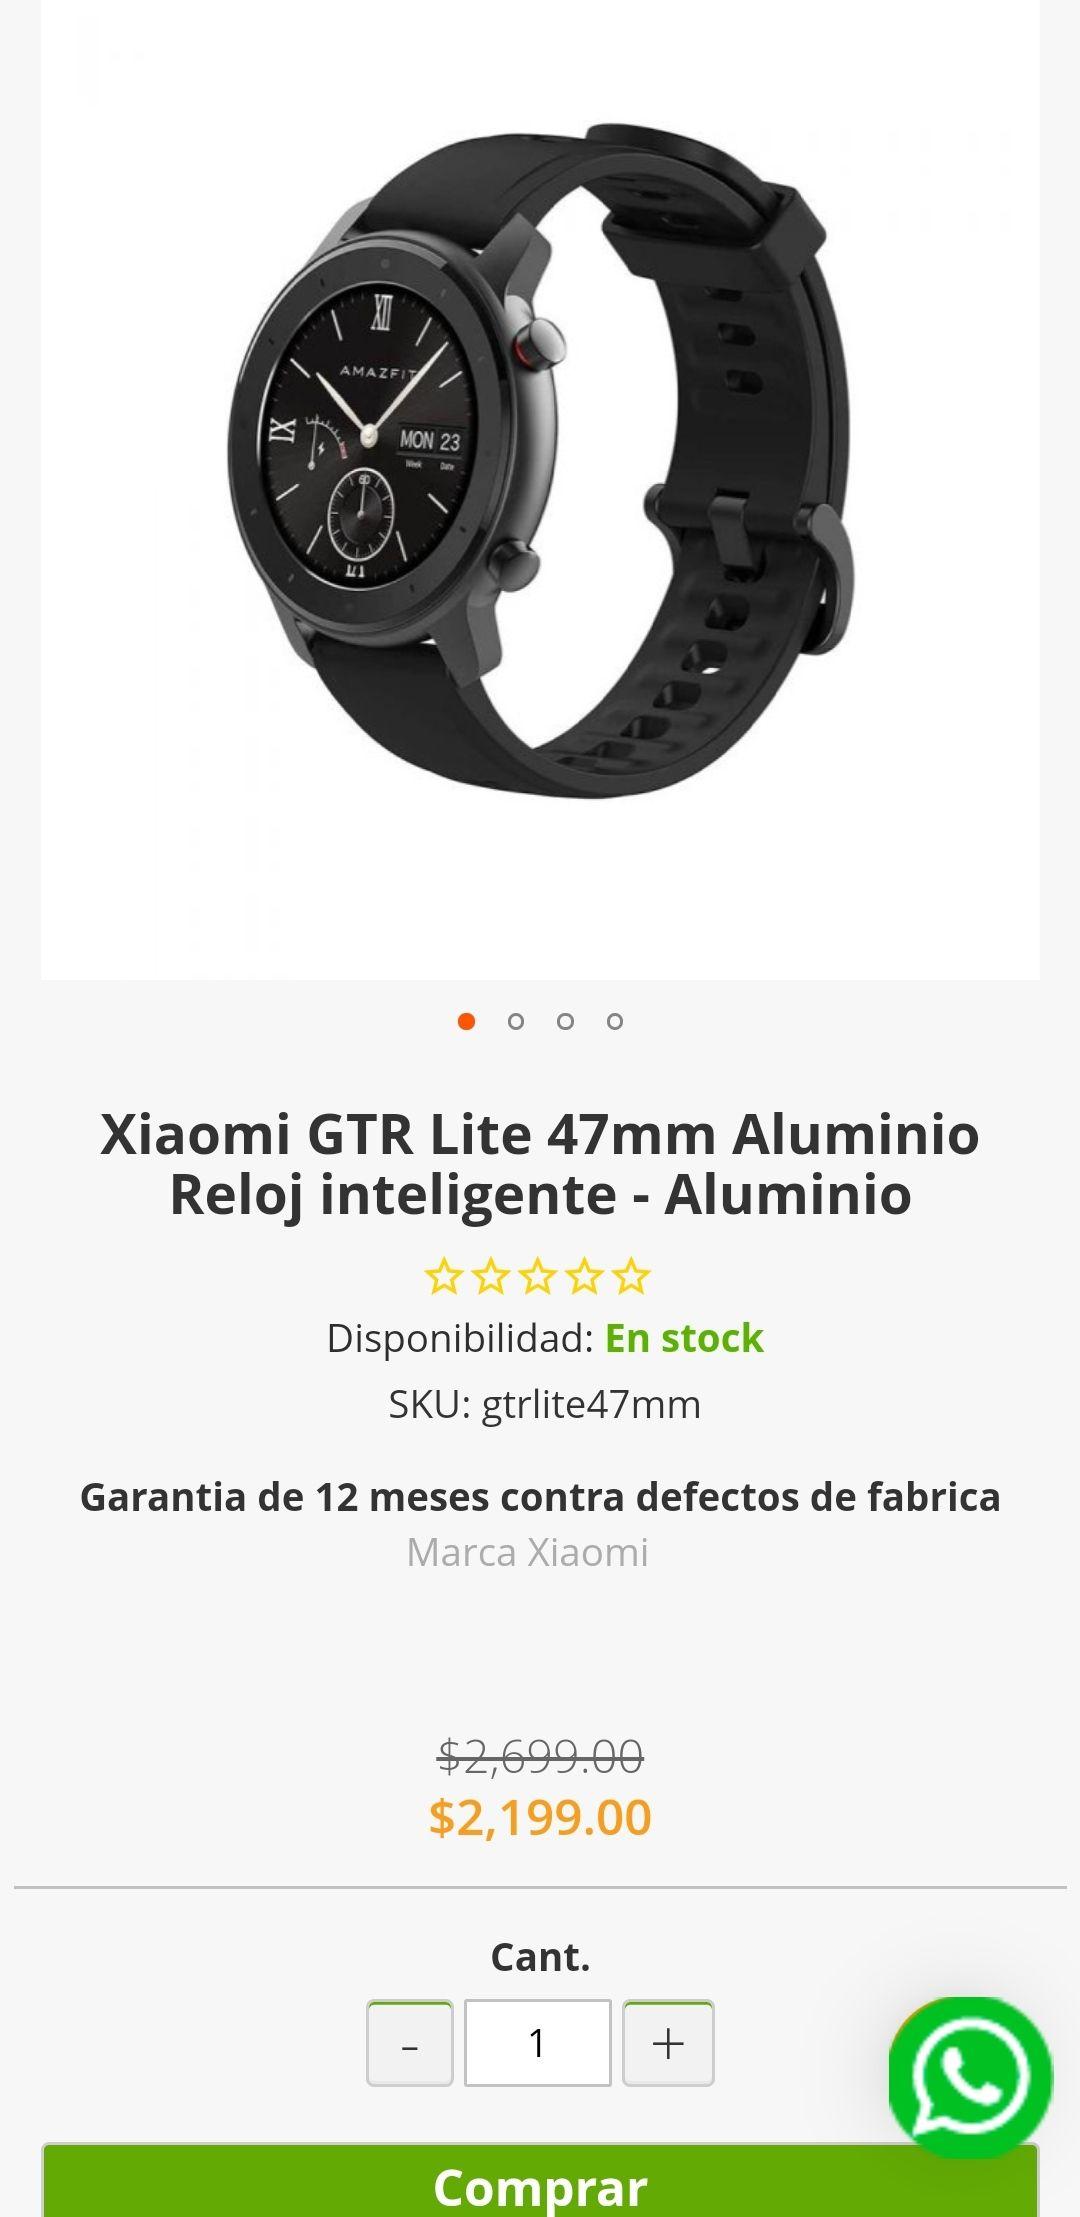 Doto: Xiaomi GTR Lite 47mm Aluminio